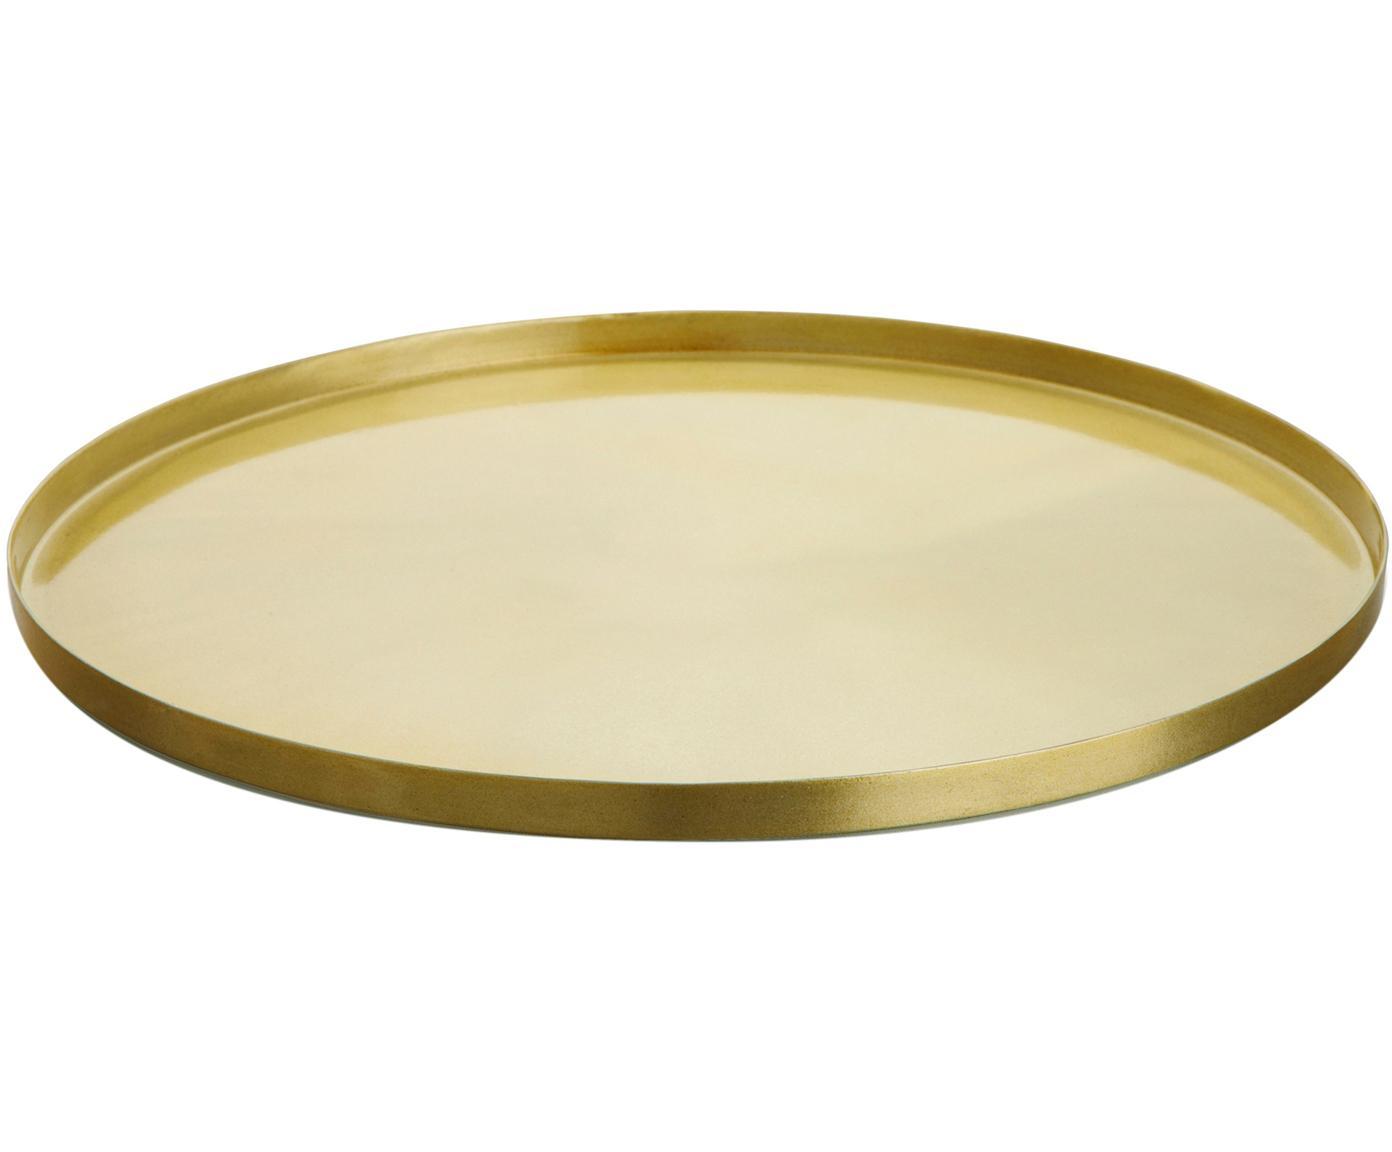 Tablett Tolne, Aluminium, vermessingt, Messing, Ø 35 cm